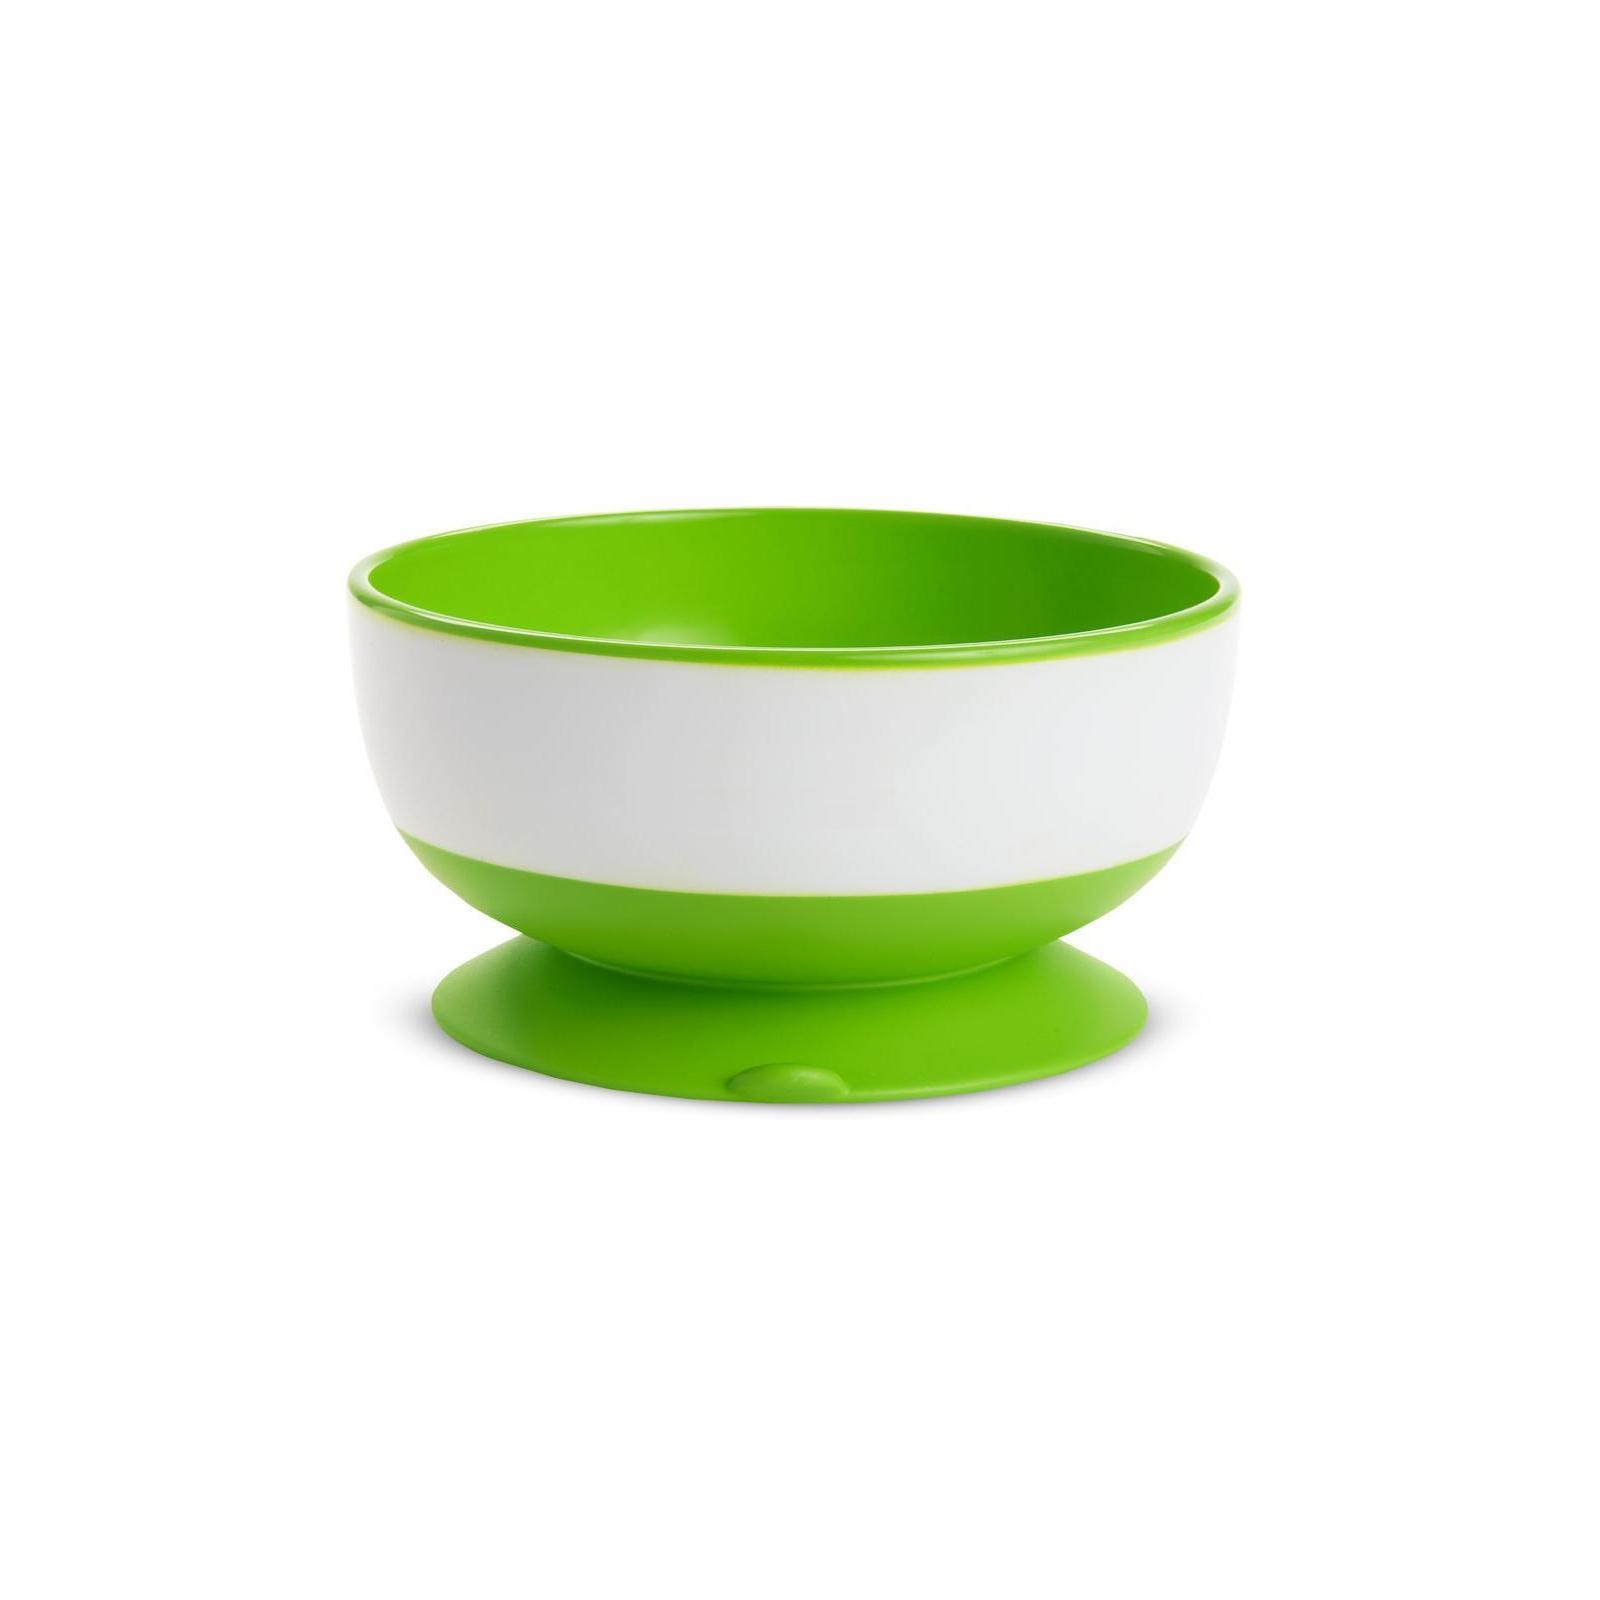 Набор детской посуды Munchkin тарелки с присосками 3 шт. (01107504) изображение 4